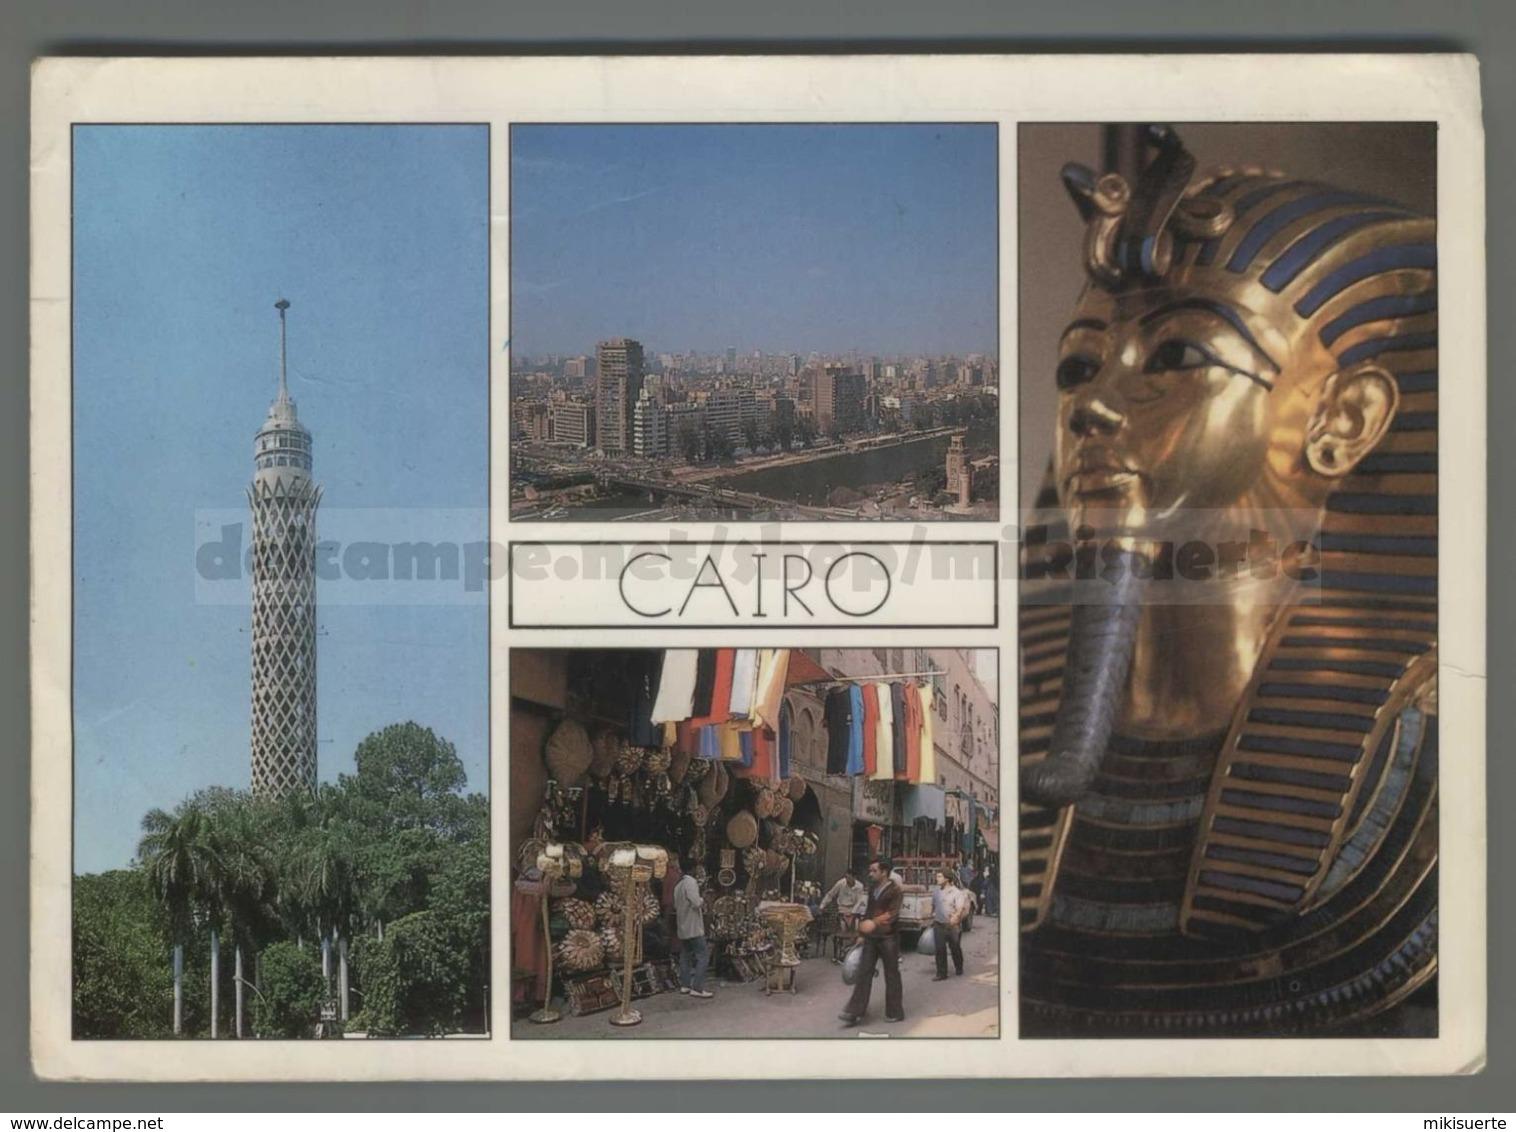 V4468 EGYPT CAIRO VIEWS VG ExtraGrand (m) - Cairo